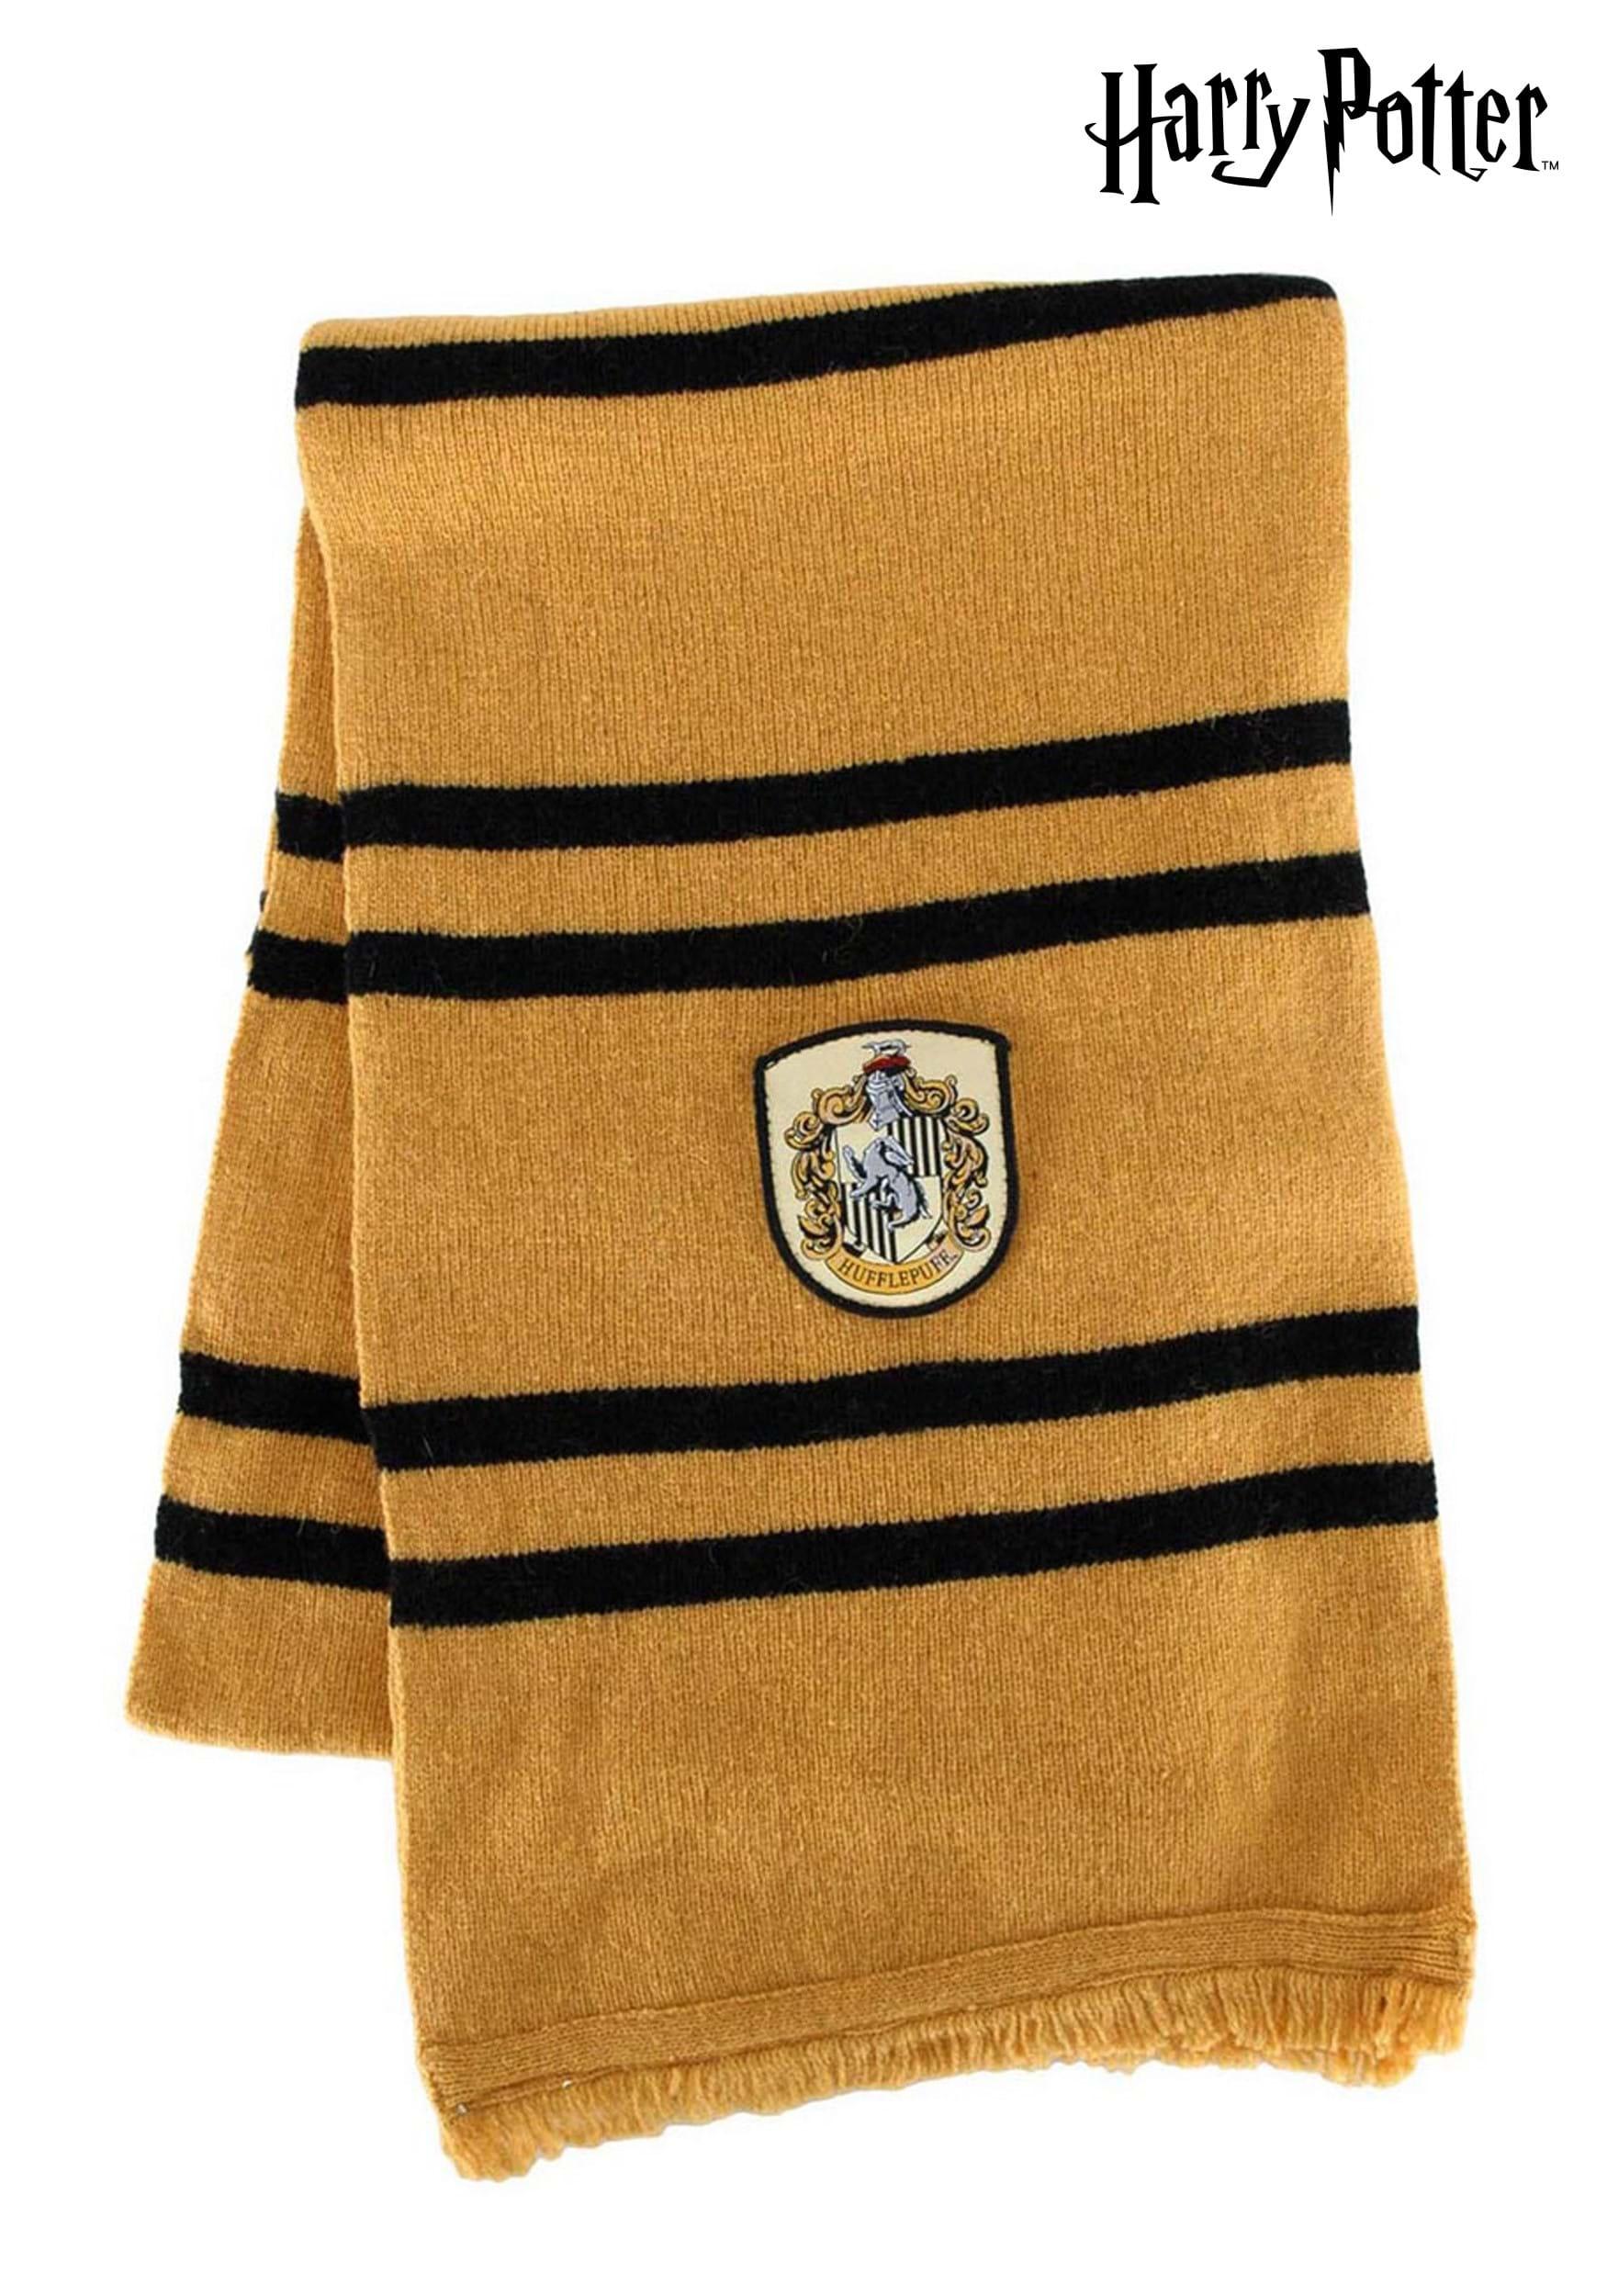 Harry Potter Hufflepuff Scarf Knitting Pattern : Hufflepuff Scarf